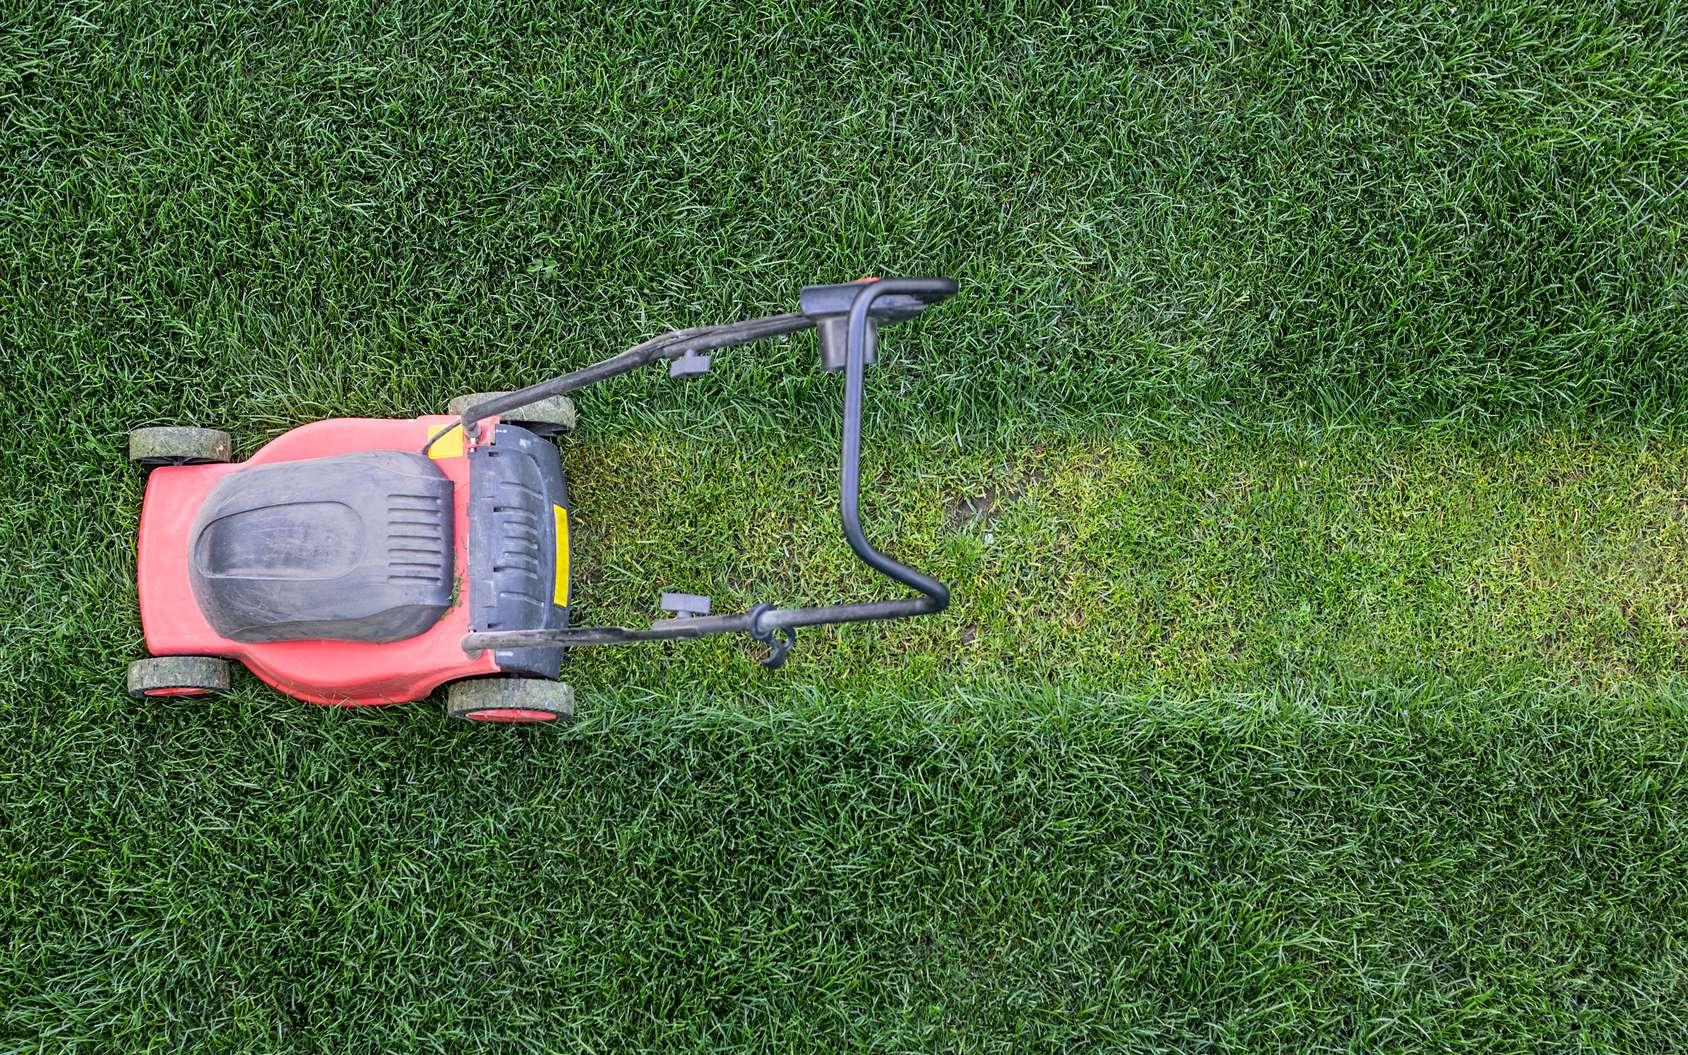 Comment bien tondre la pelouse ? © Serg Salivon, Fotolia